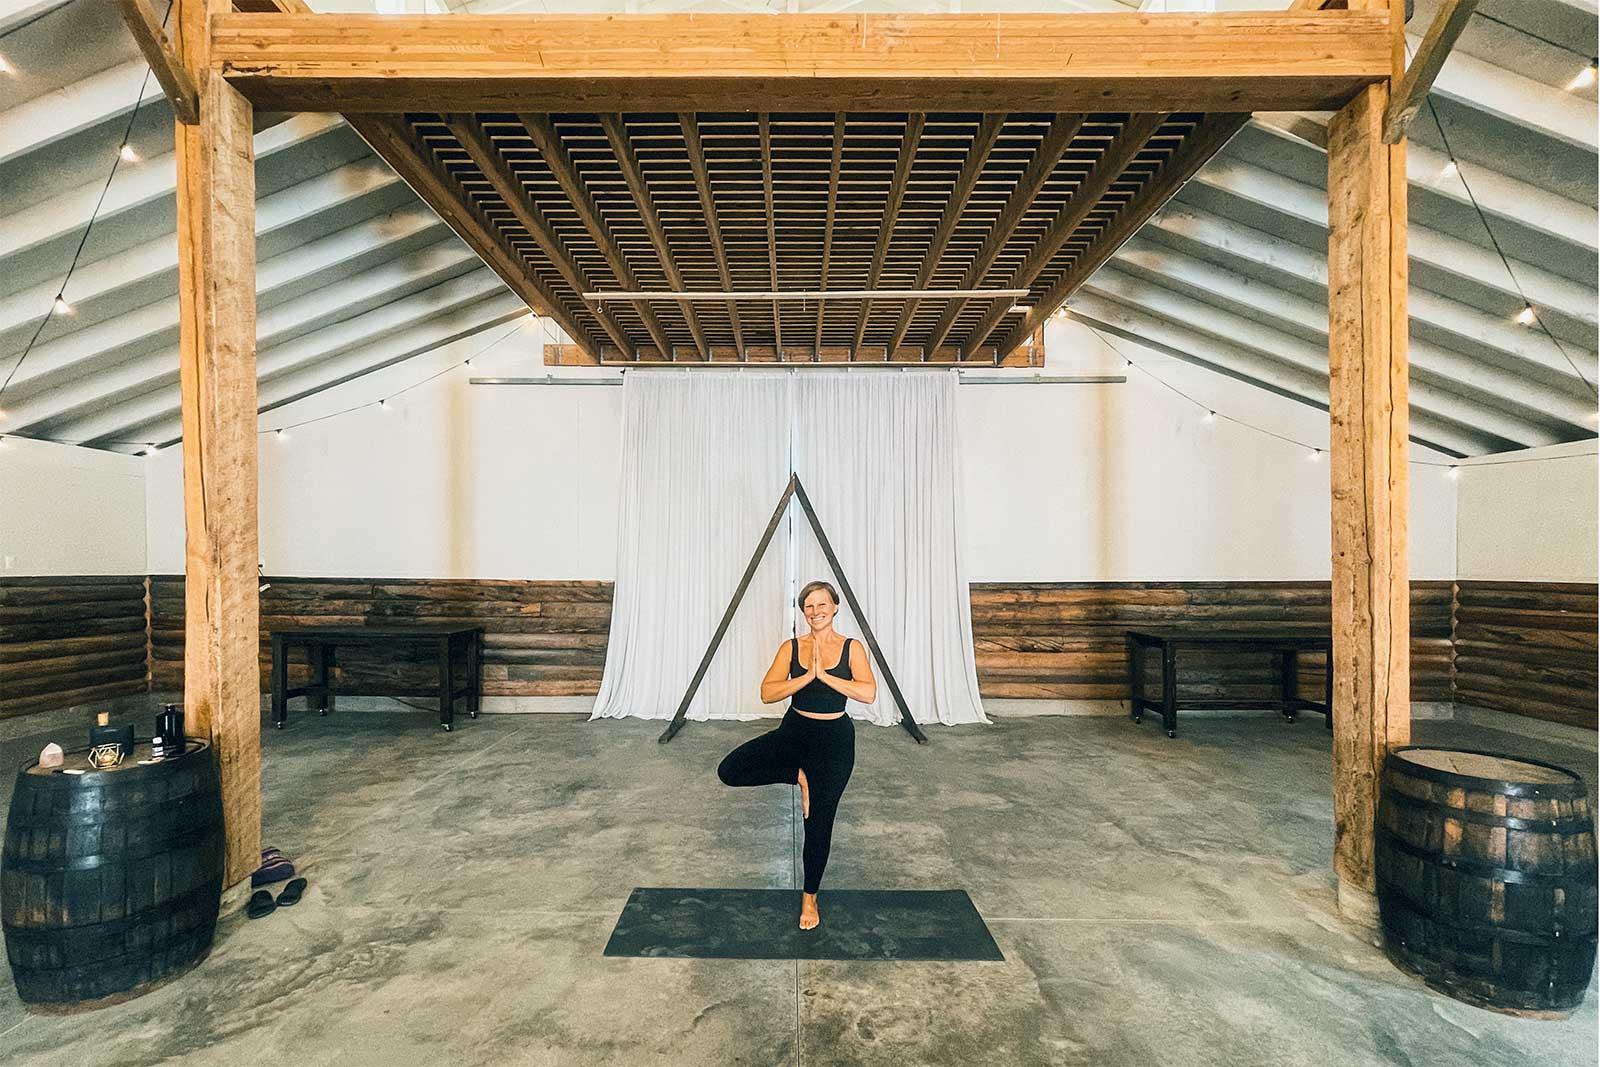 Guests enjoy free yoga at Moose Creek Ranch